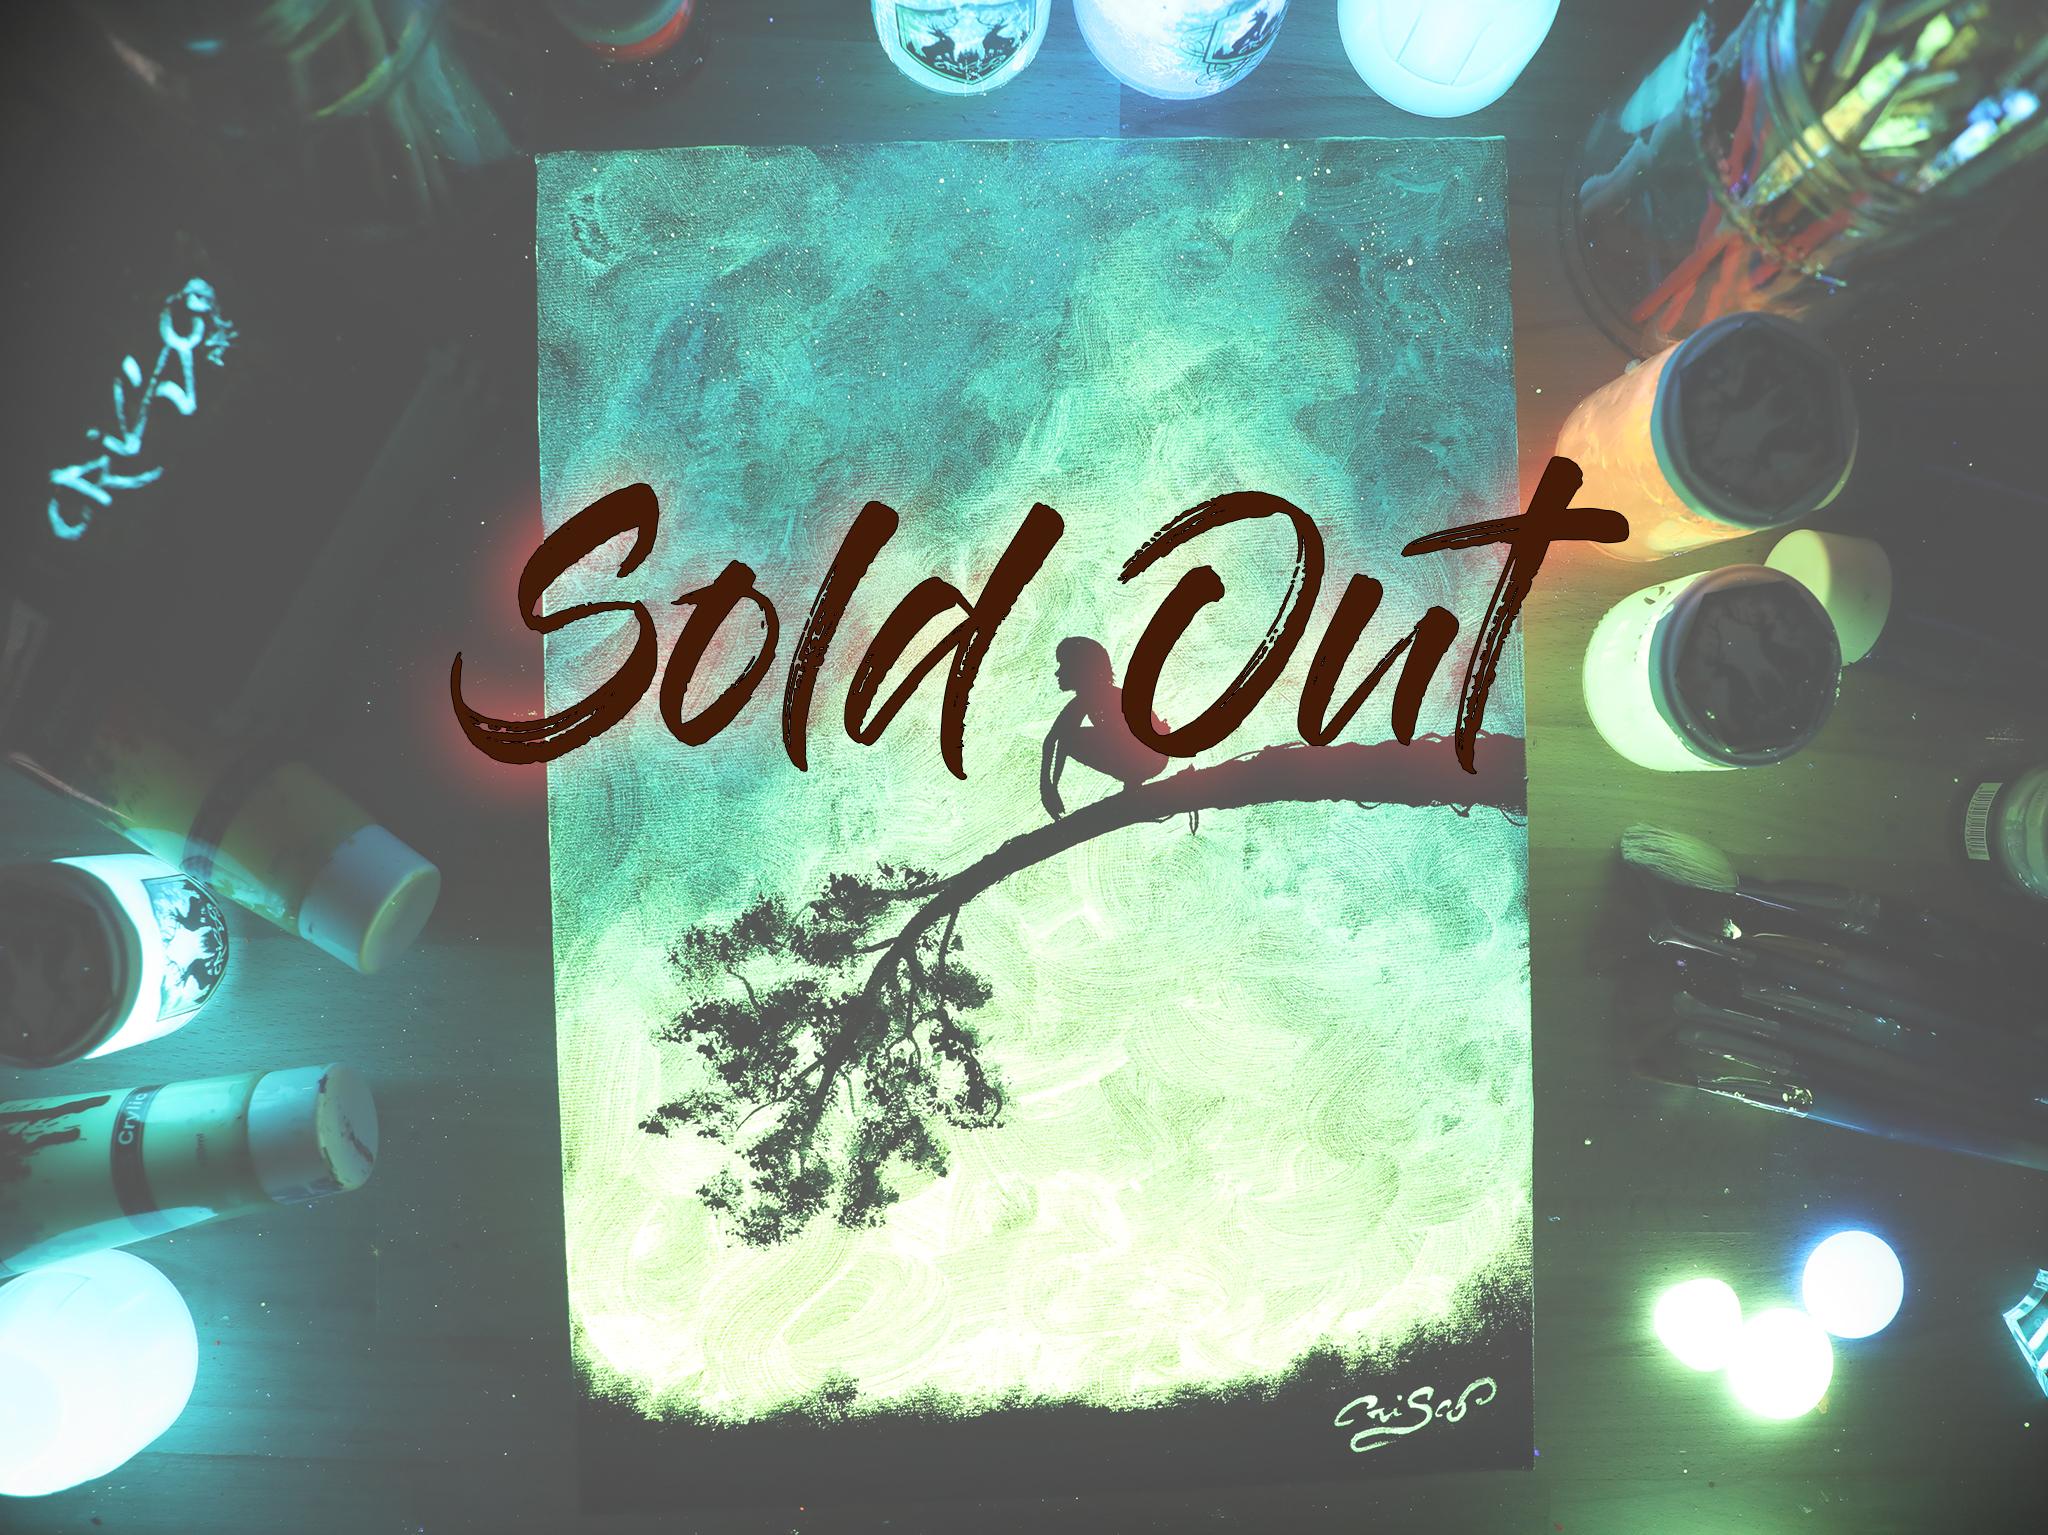 sold out fileMOGLI